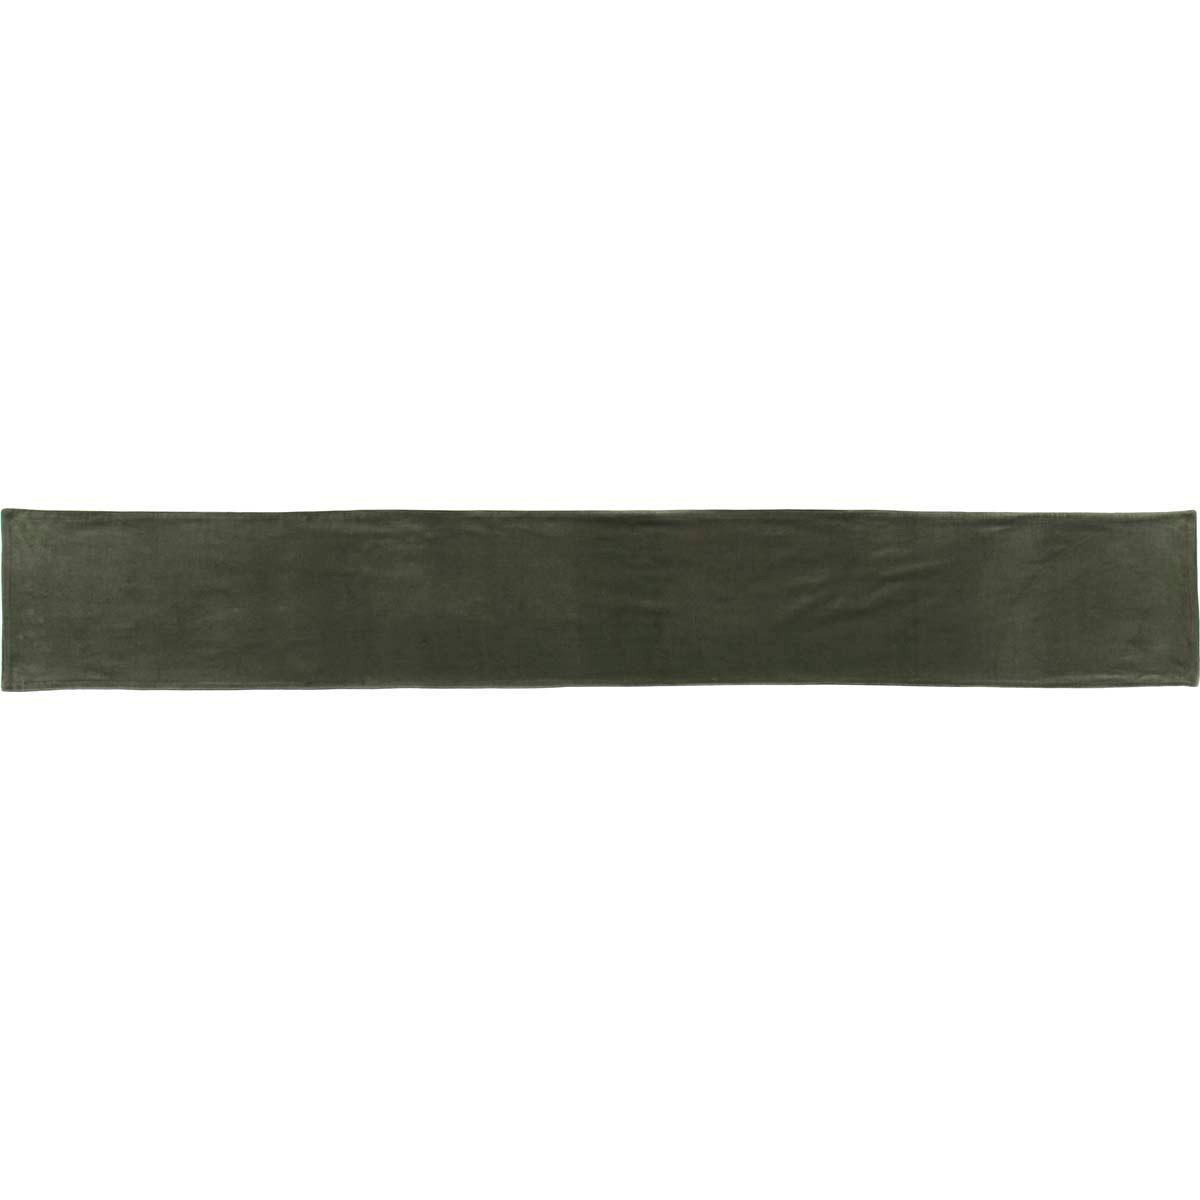 Green Velvet 90 inch Table Runner, by VHC Brands.